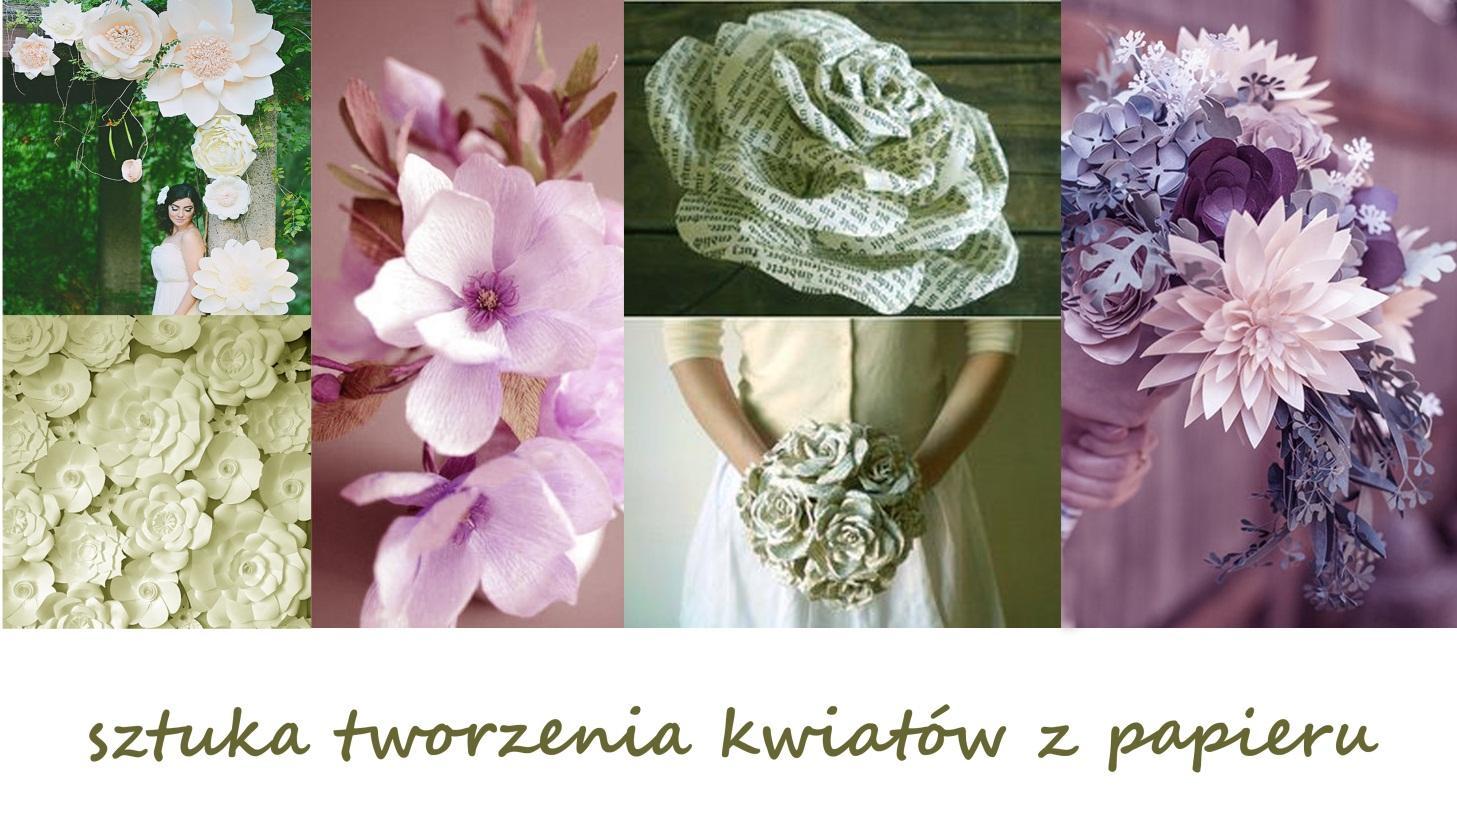 C:\Users\Zorka5\Desktop\atw\kwiaty.jpg